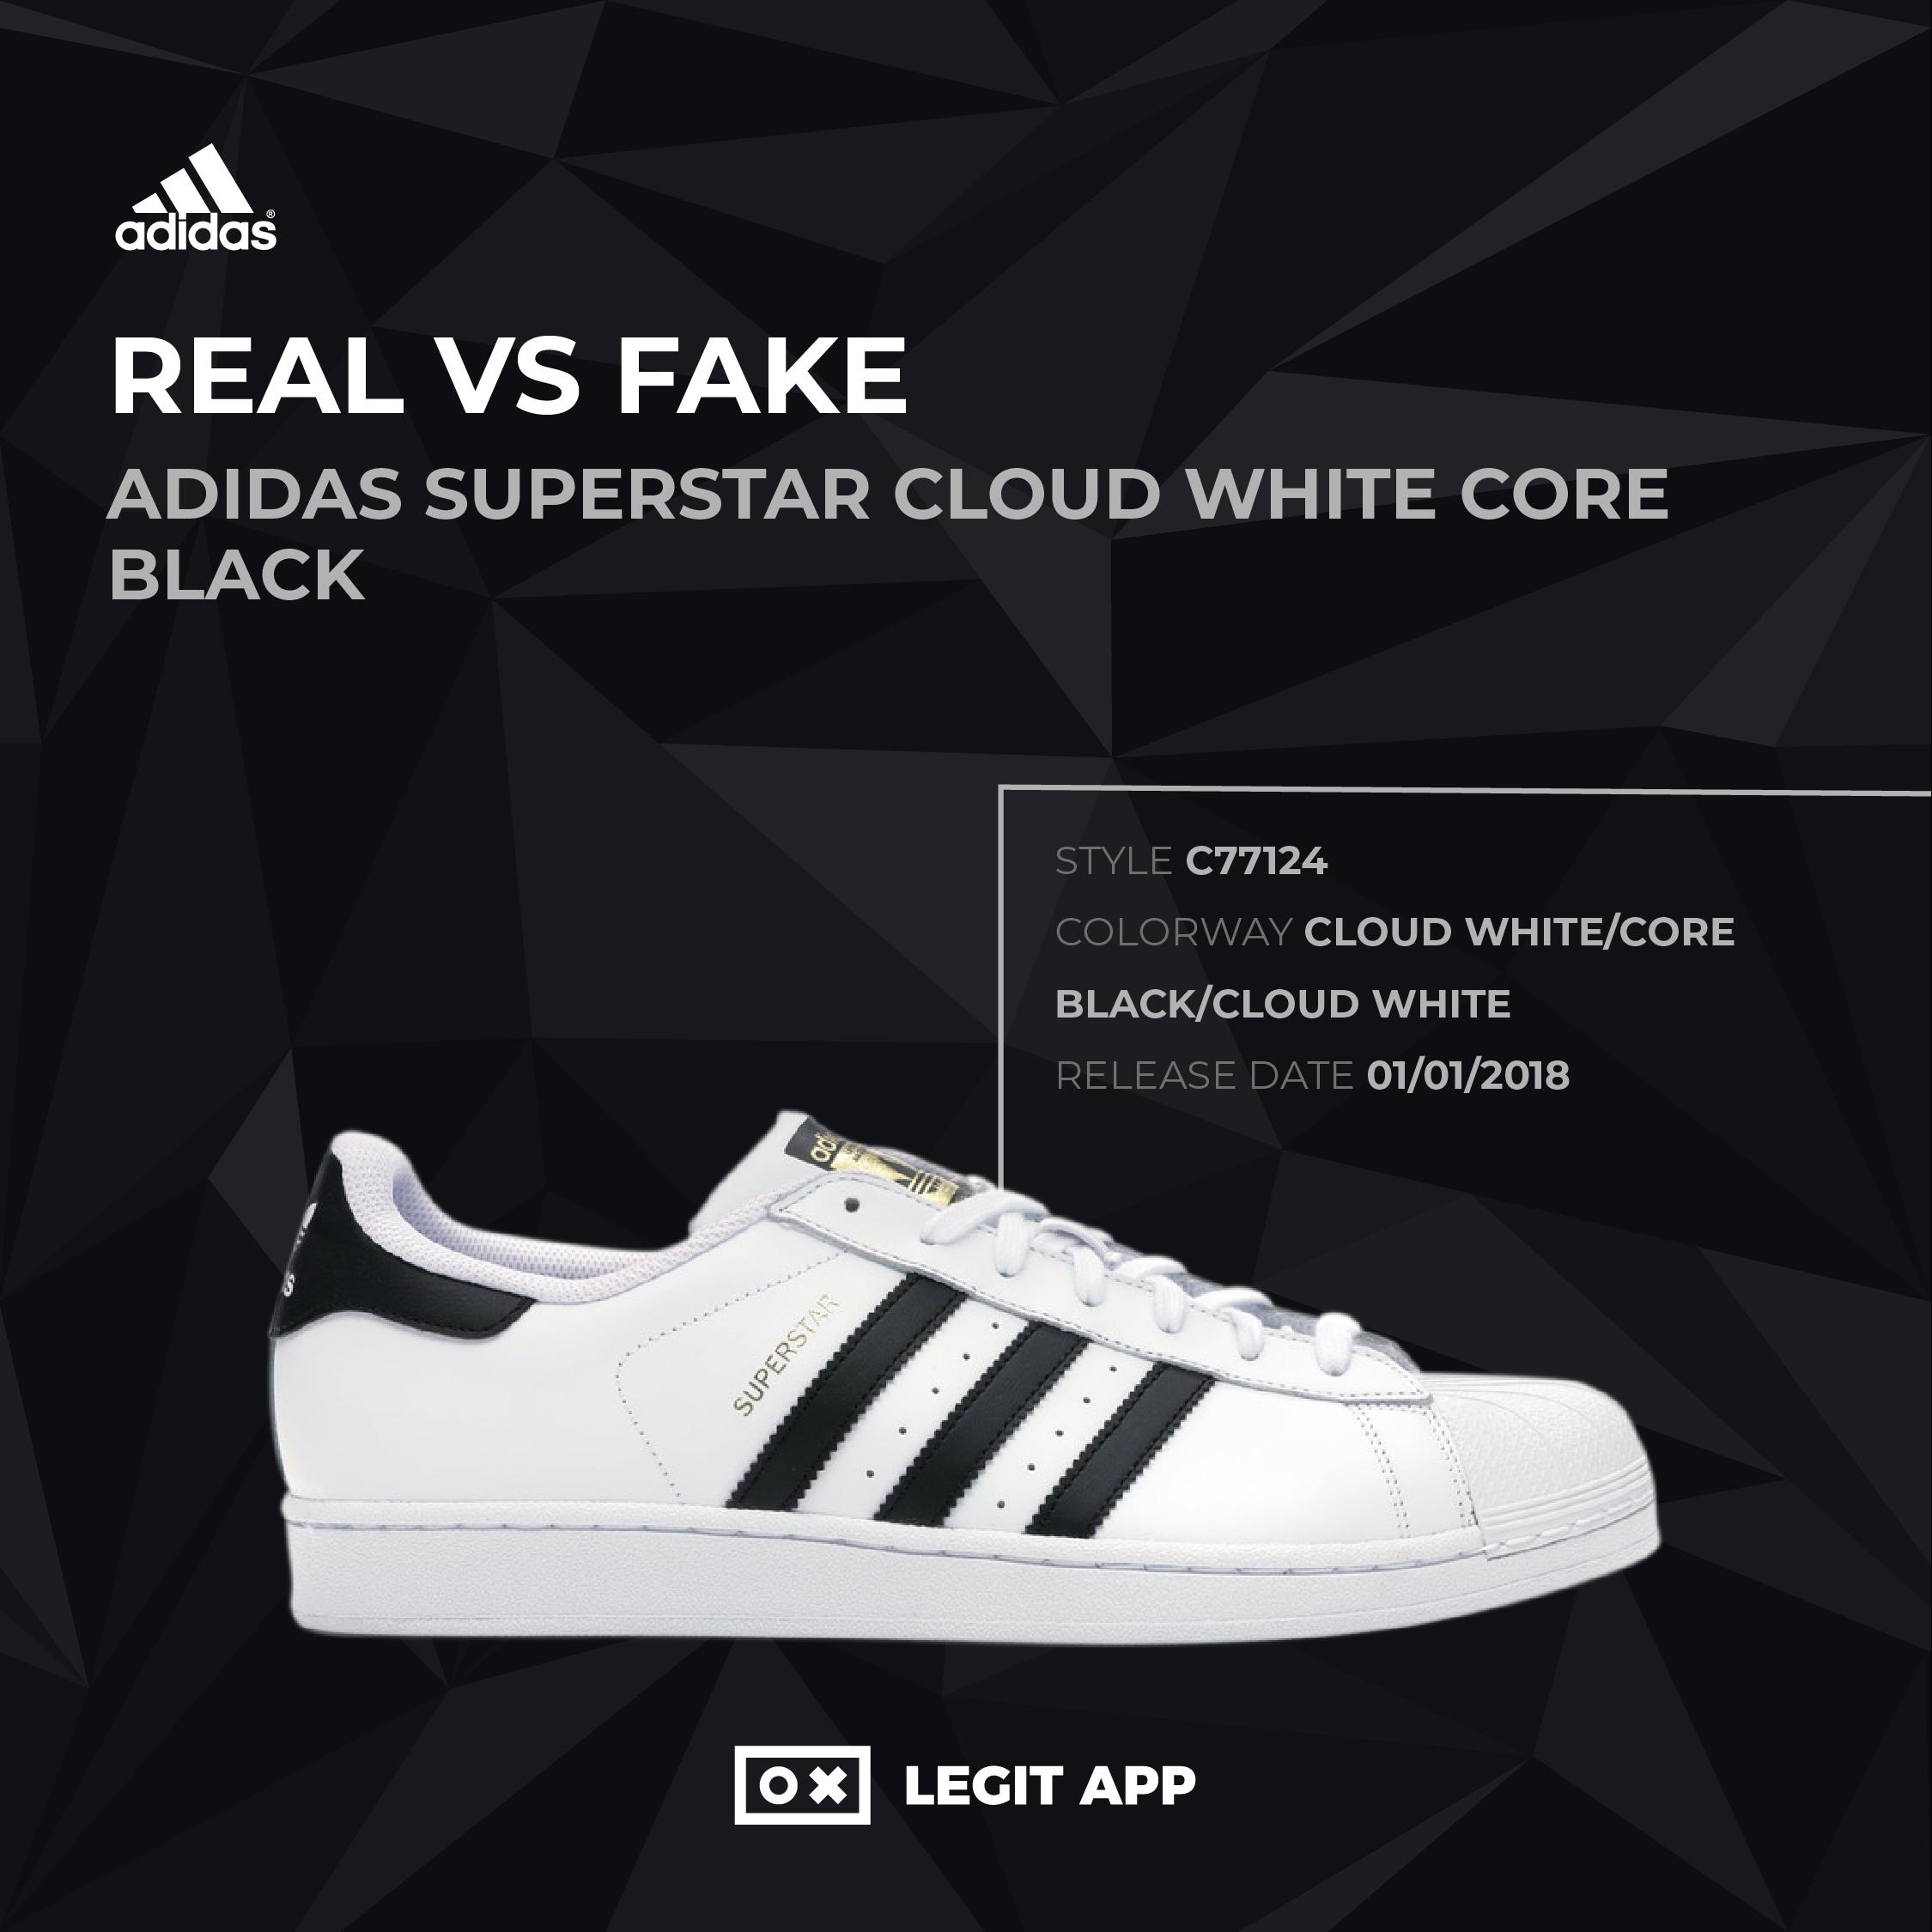 profesor No puedo leer ni escribir Dedos de los pies  REAL VS REPLICA - adidas Superstar Cloud White Core Black | LEGIT APP